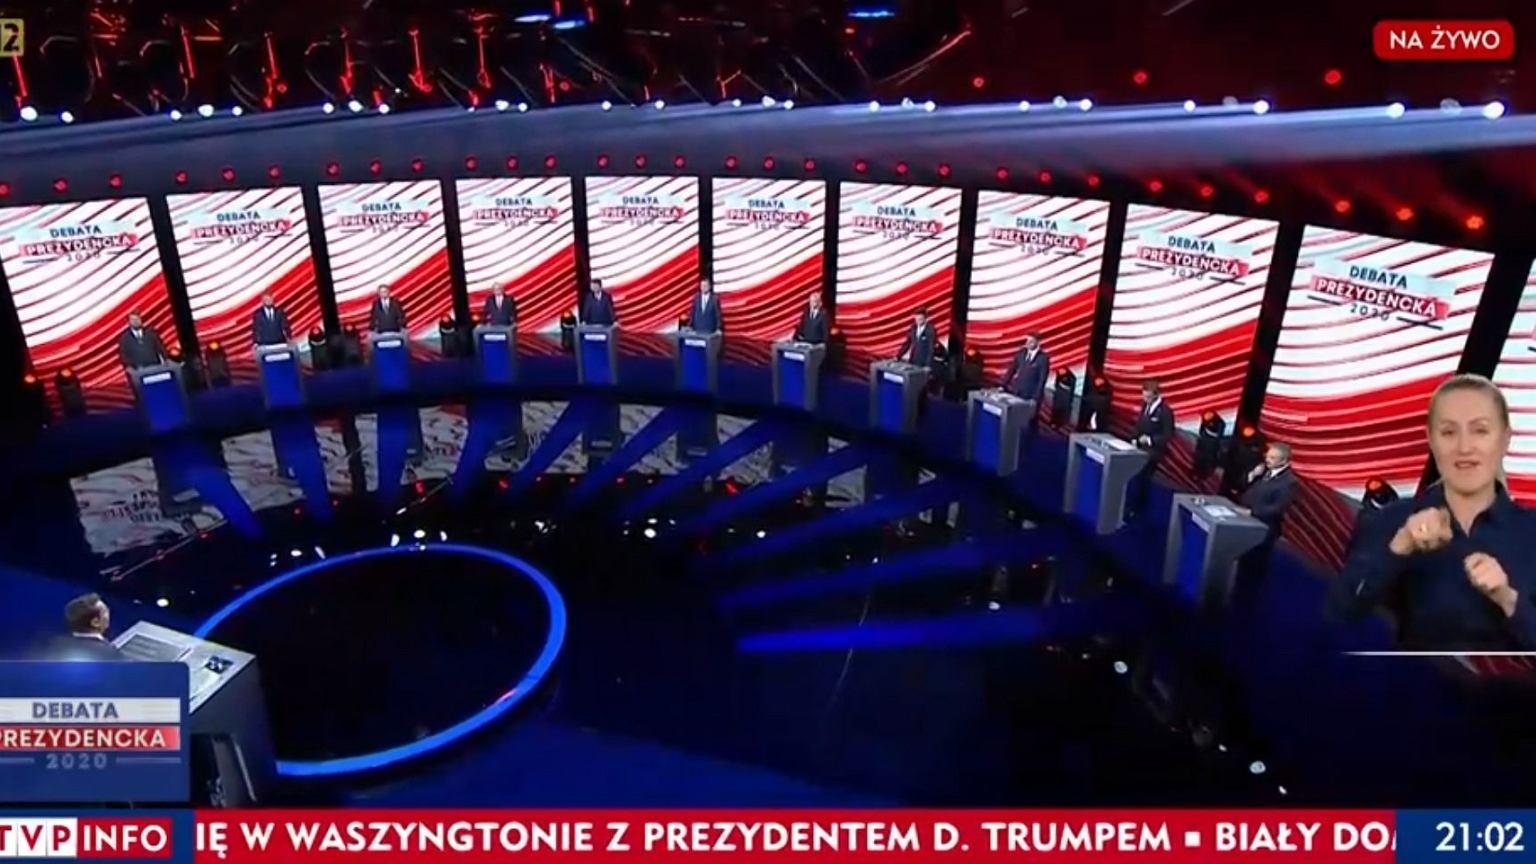 Wybory prezydenckie 2020. Debata prezydencka w TVP. Seria dziwnych pytań i brak odpowiedzi